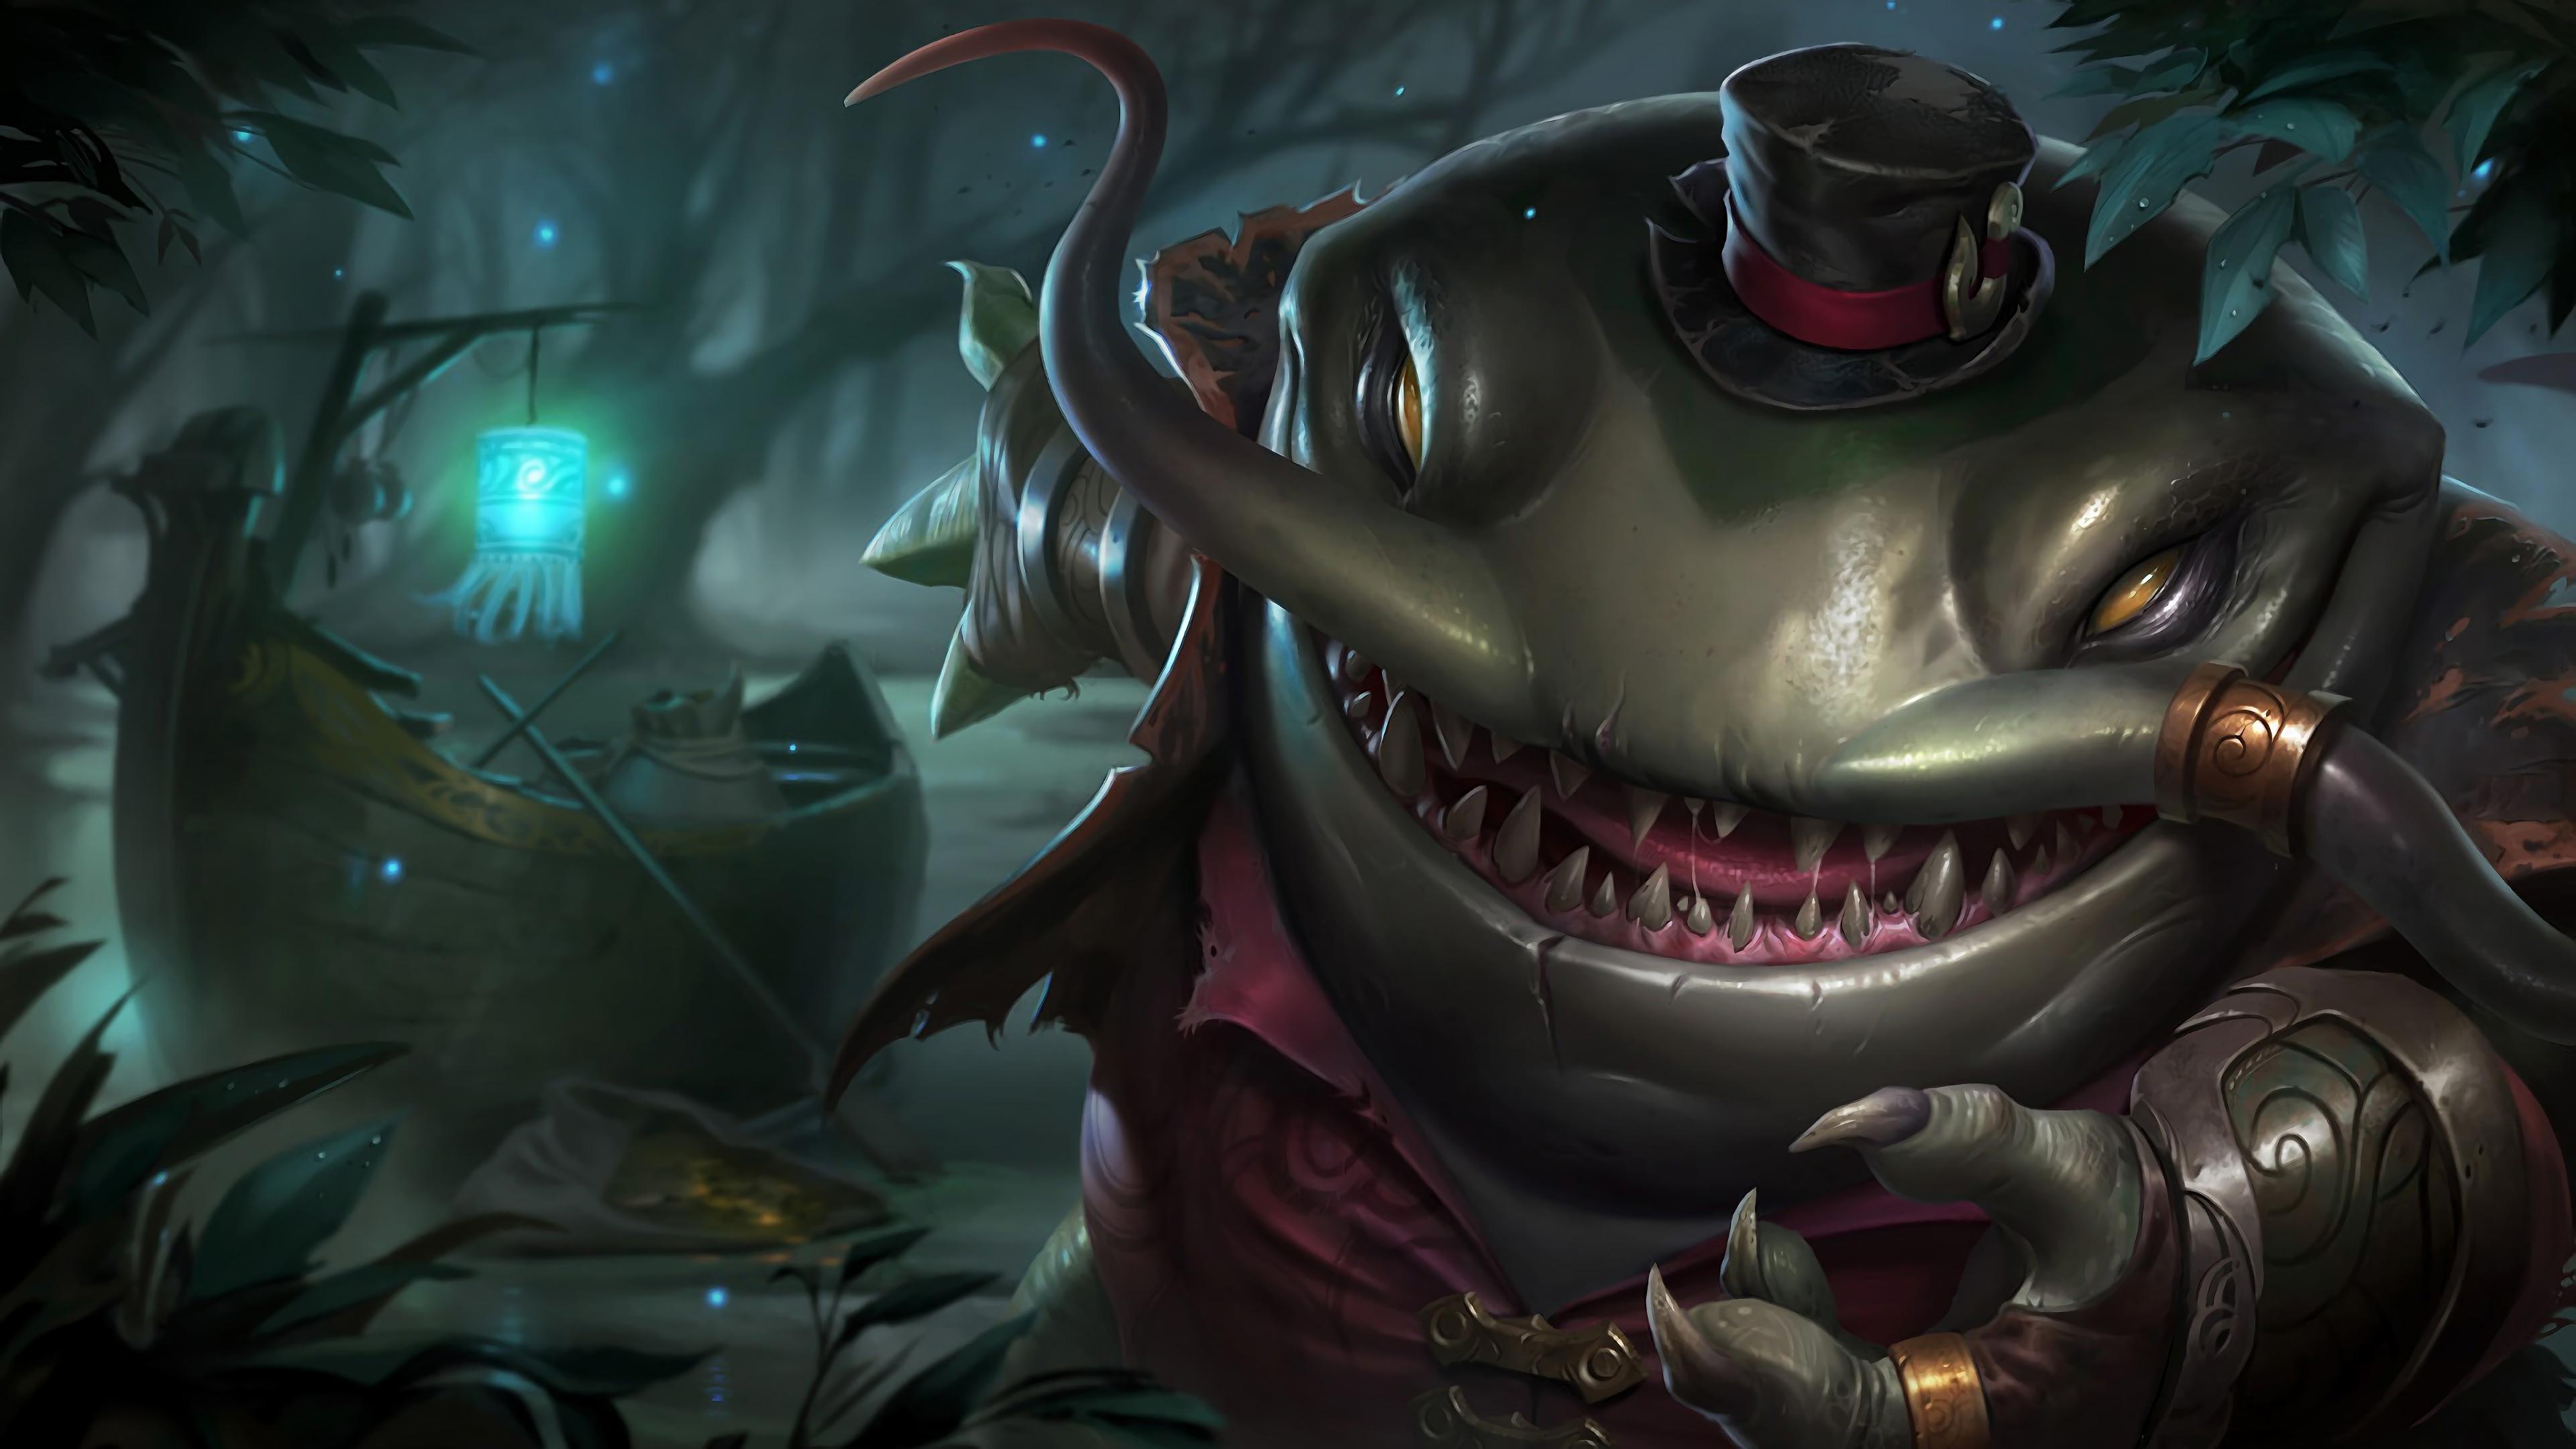 tahm kench lol splash art league of legends 1574098606 - Tahm Kench LoL Splash Art League of Legends - Tahm Kench, league of legends